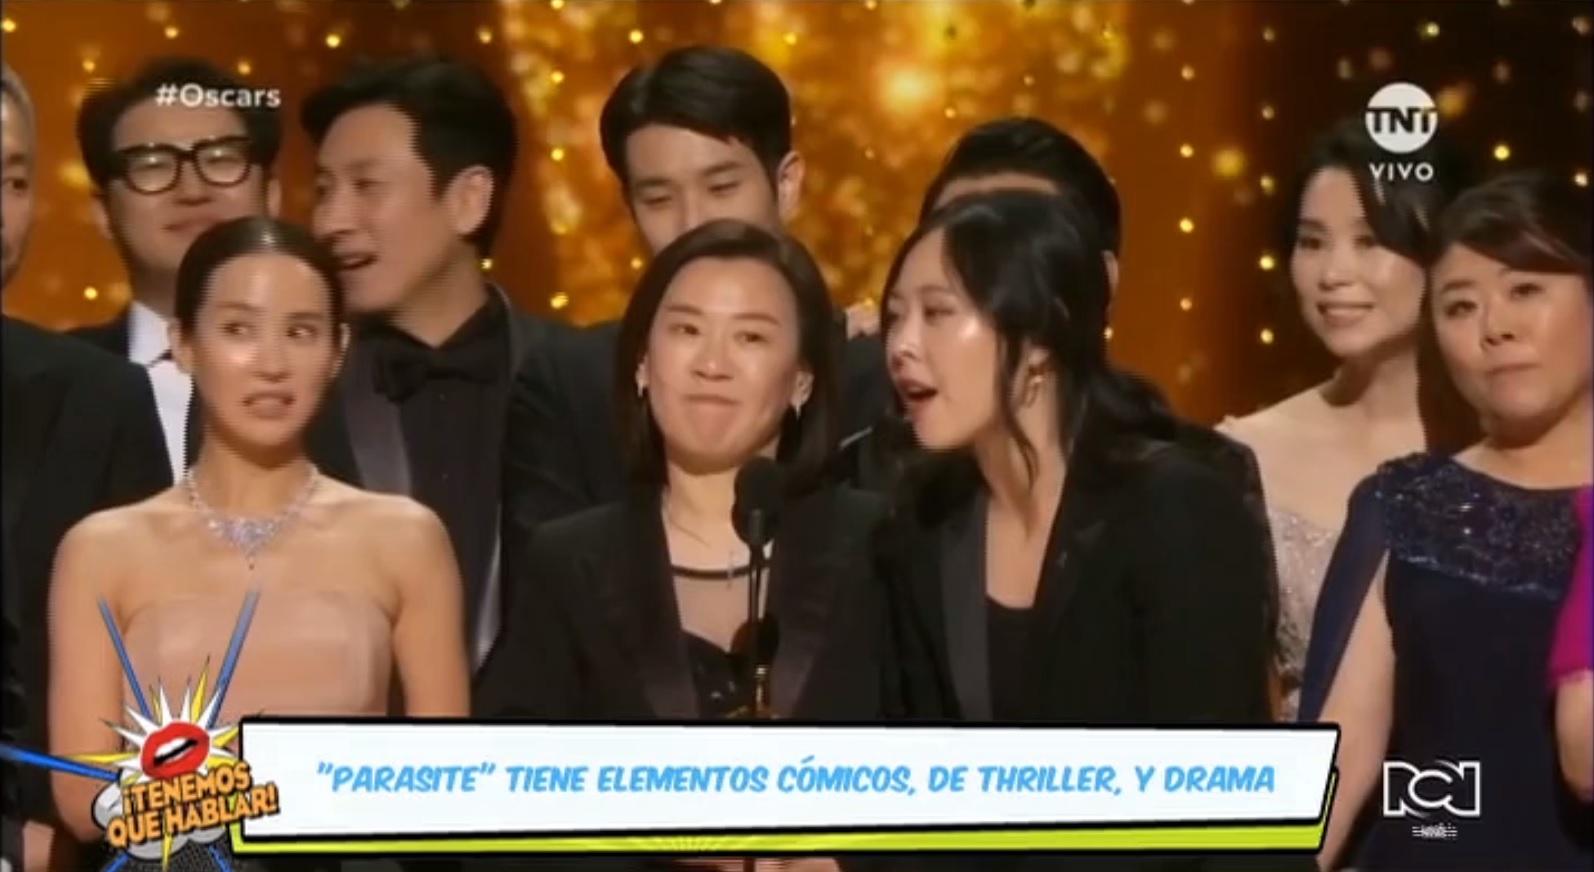 'Parasite' hizo historia en los Premios Óscar al ganar cuatro estatuillas